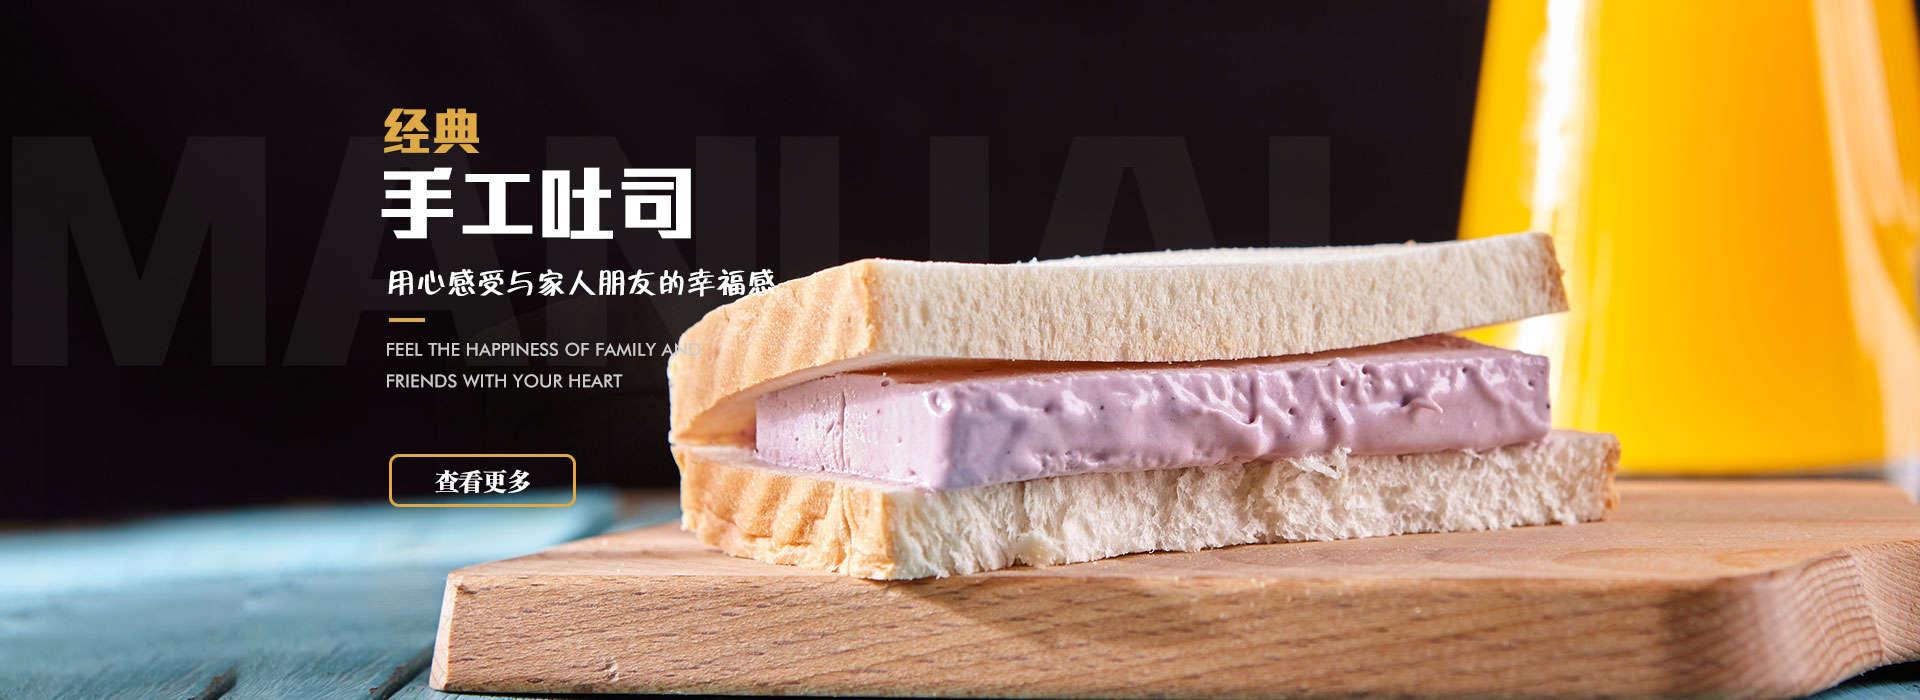 福恩迪手工吐司_昌启蛋糕面包加盟